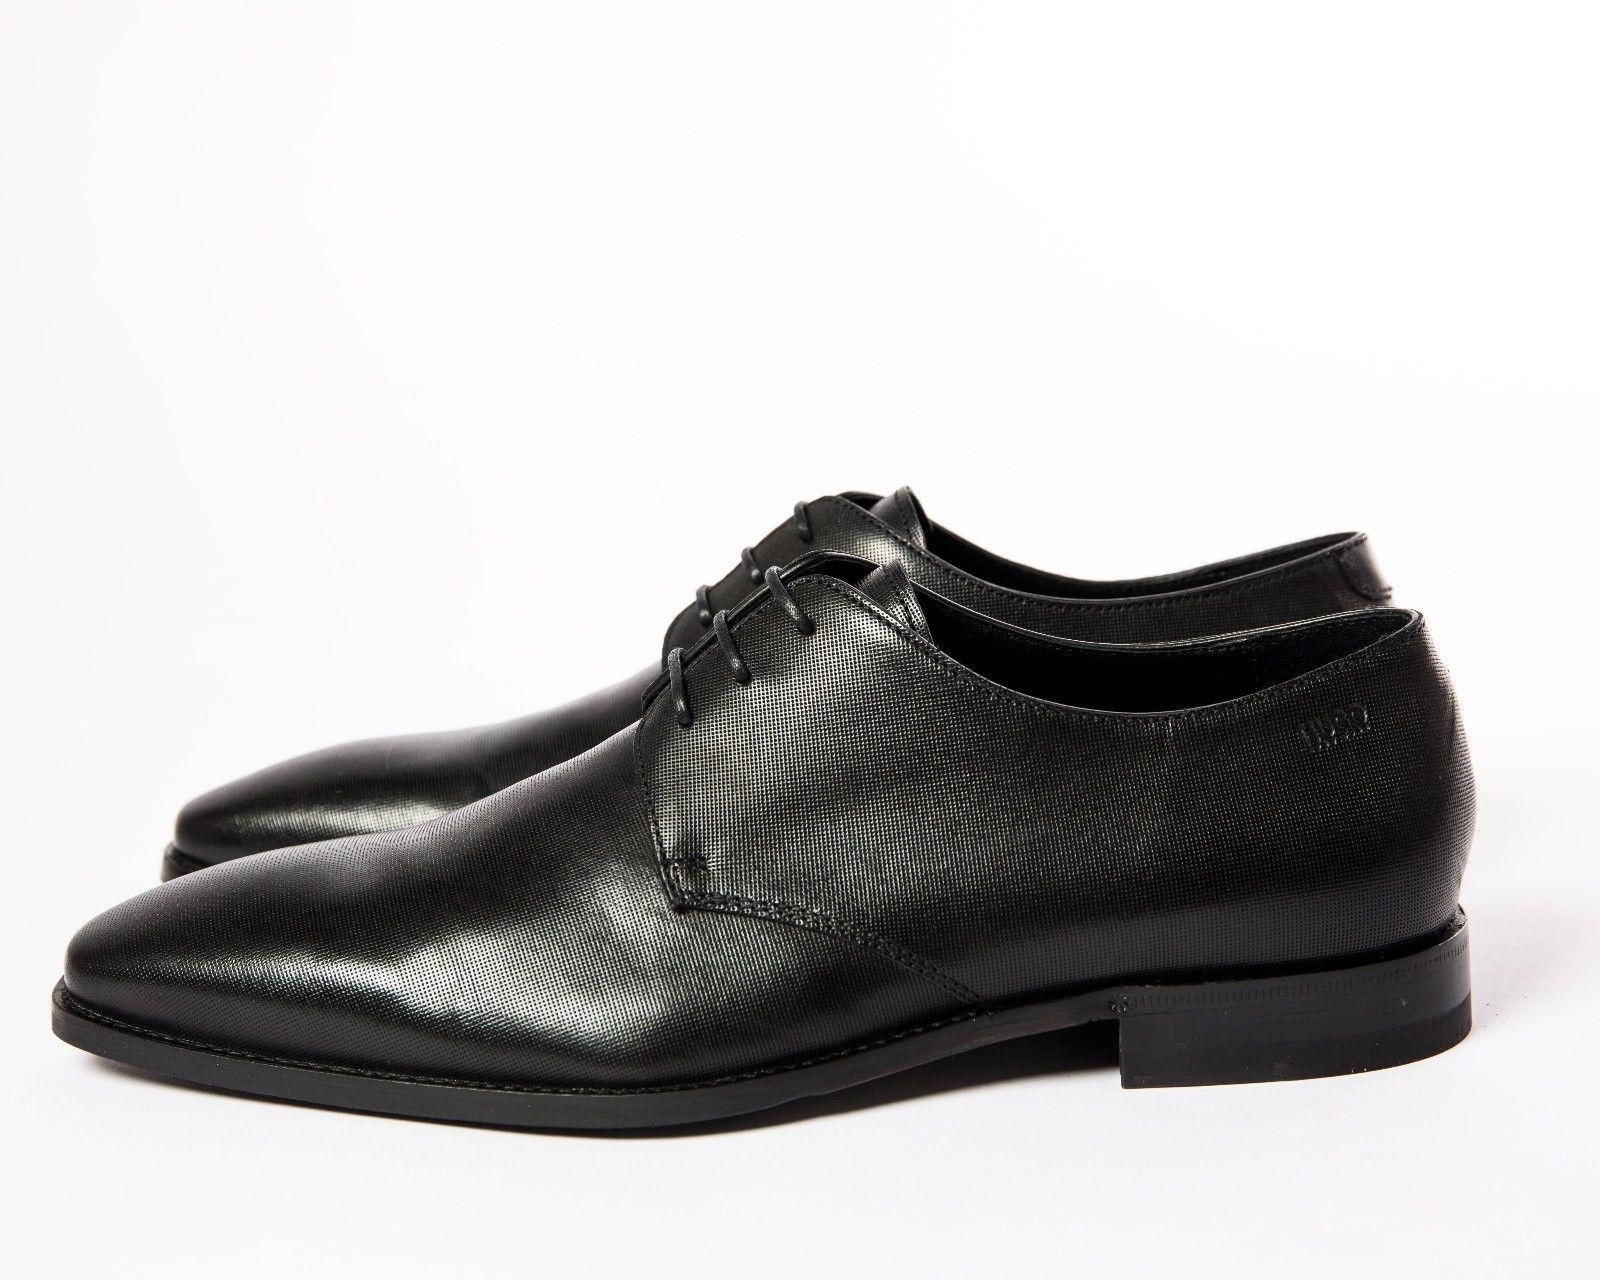 HUGO BOSS LACK LEDER BLACK SCHNÜRER FEROKE DERB 44 BLACK LEDER SCHUHE DRESS Schuhe 10 11 dd8c51